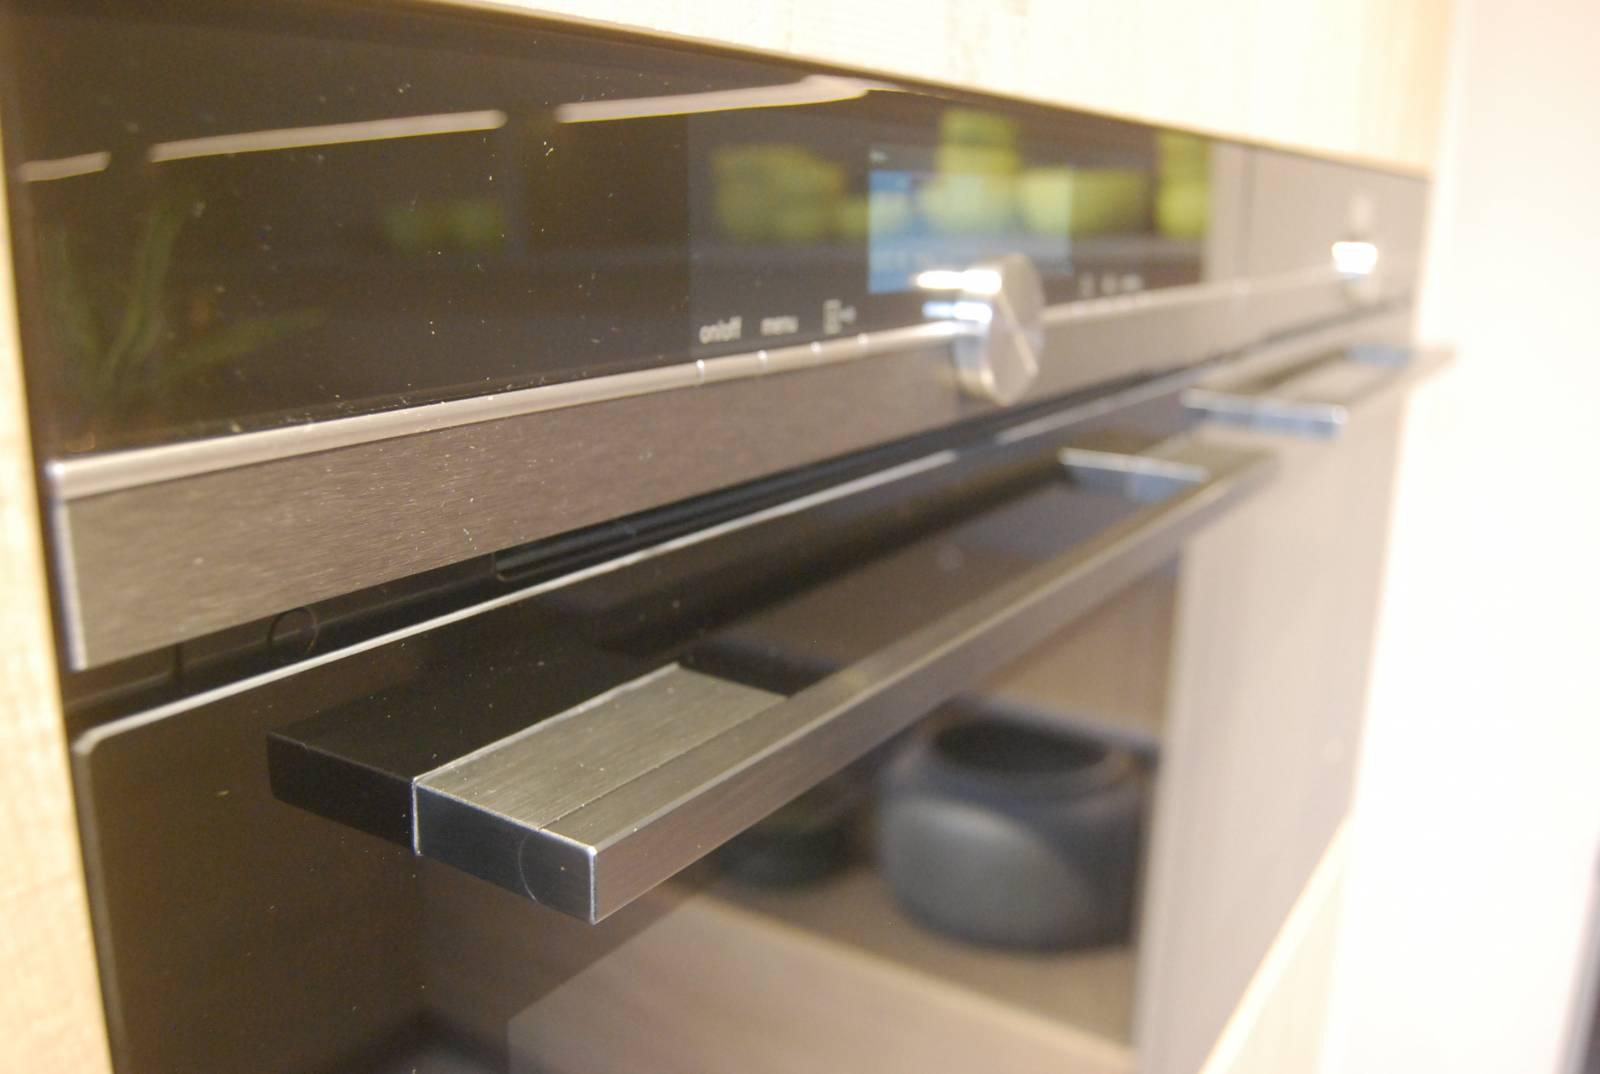 equipement et accessoires de cuisine contemporaine lyon villeurbanne schott cuisines. Black Bedroom Furniture Sets. Home Design Ideas